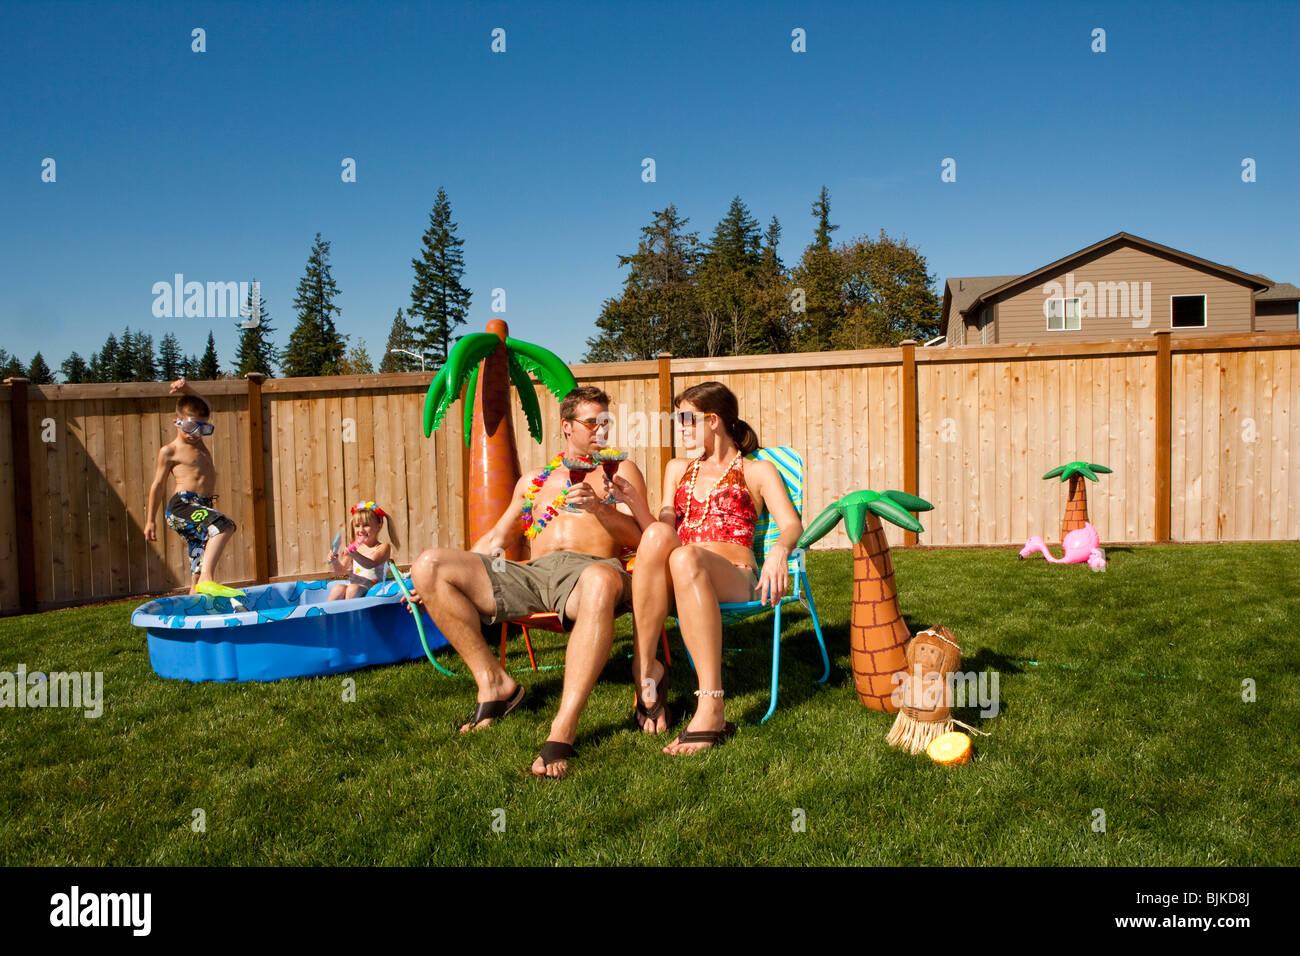 Familie im Hof mit Kinderbecken und cocktails Stockfoto